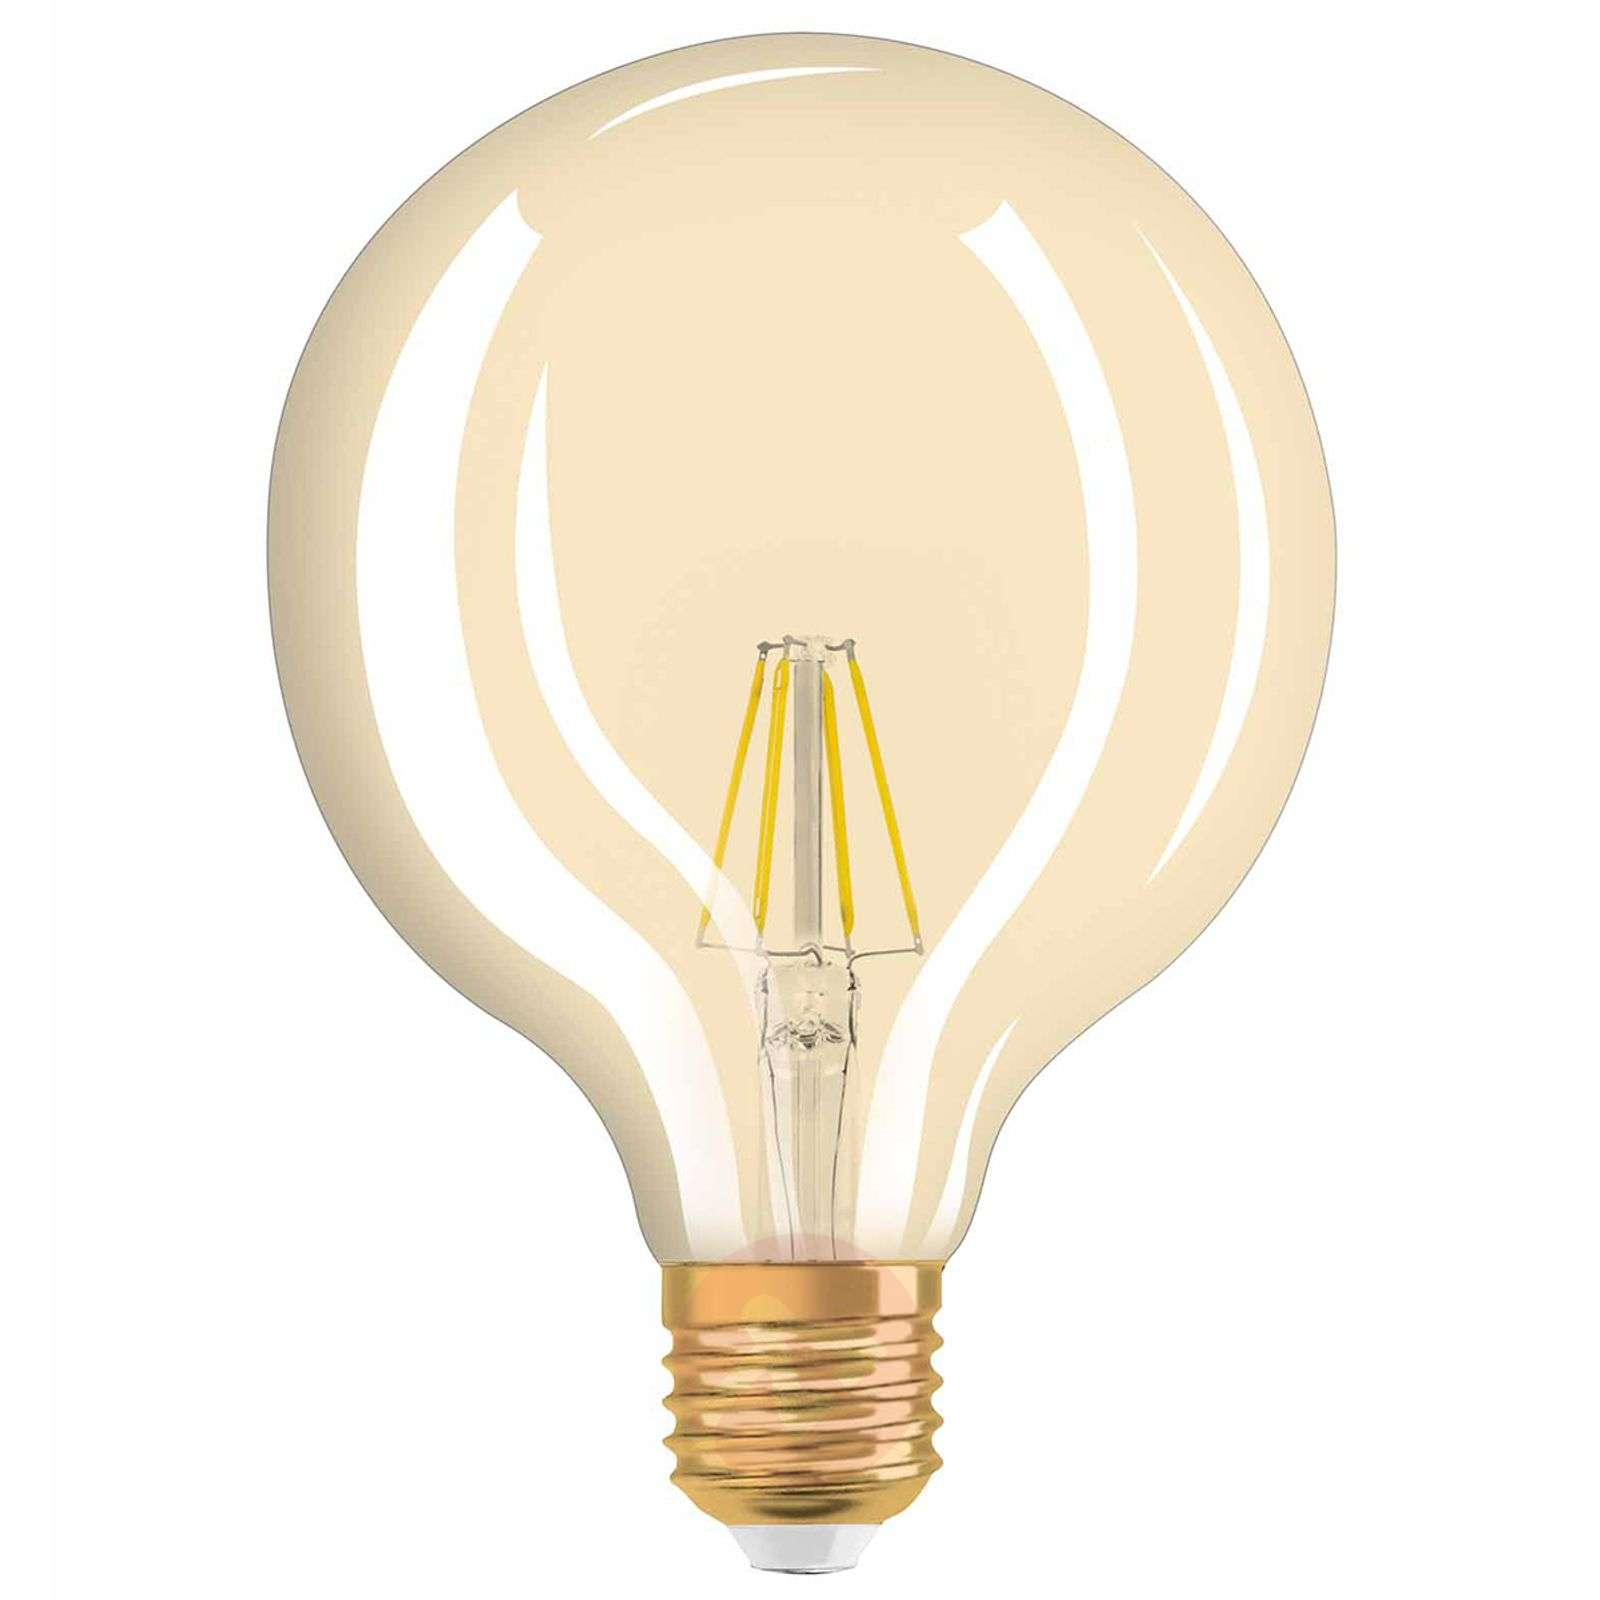 E27 4W 824 LED-pallolamppu, vintagemalli 1906-7260826-01